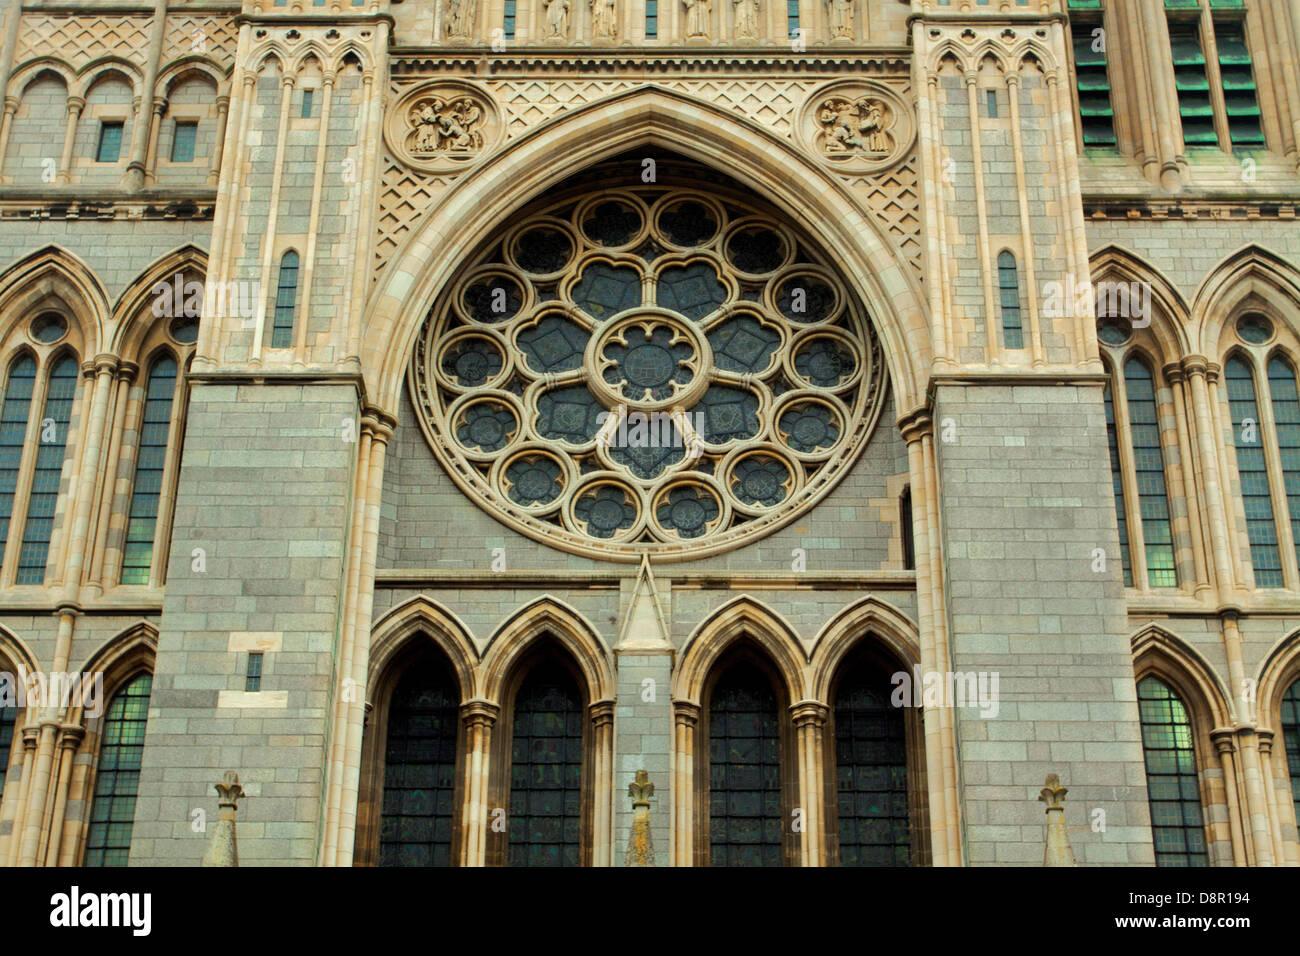 Truro Cathedral, Truro, Cornwall - Stock Image